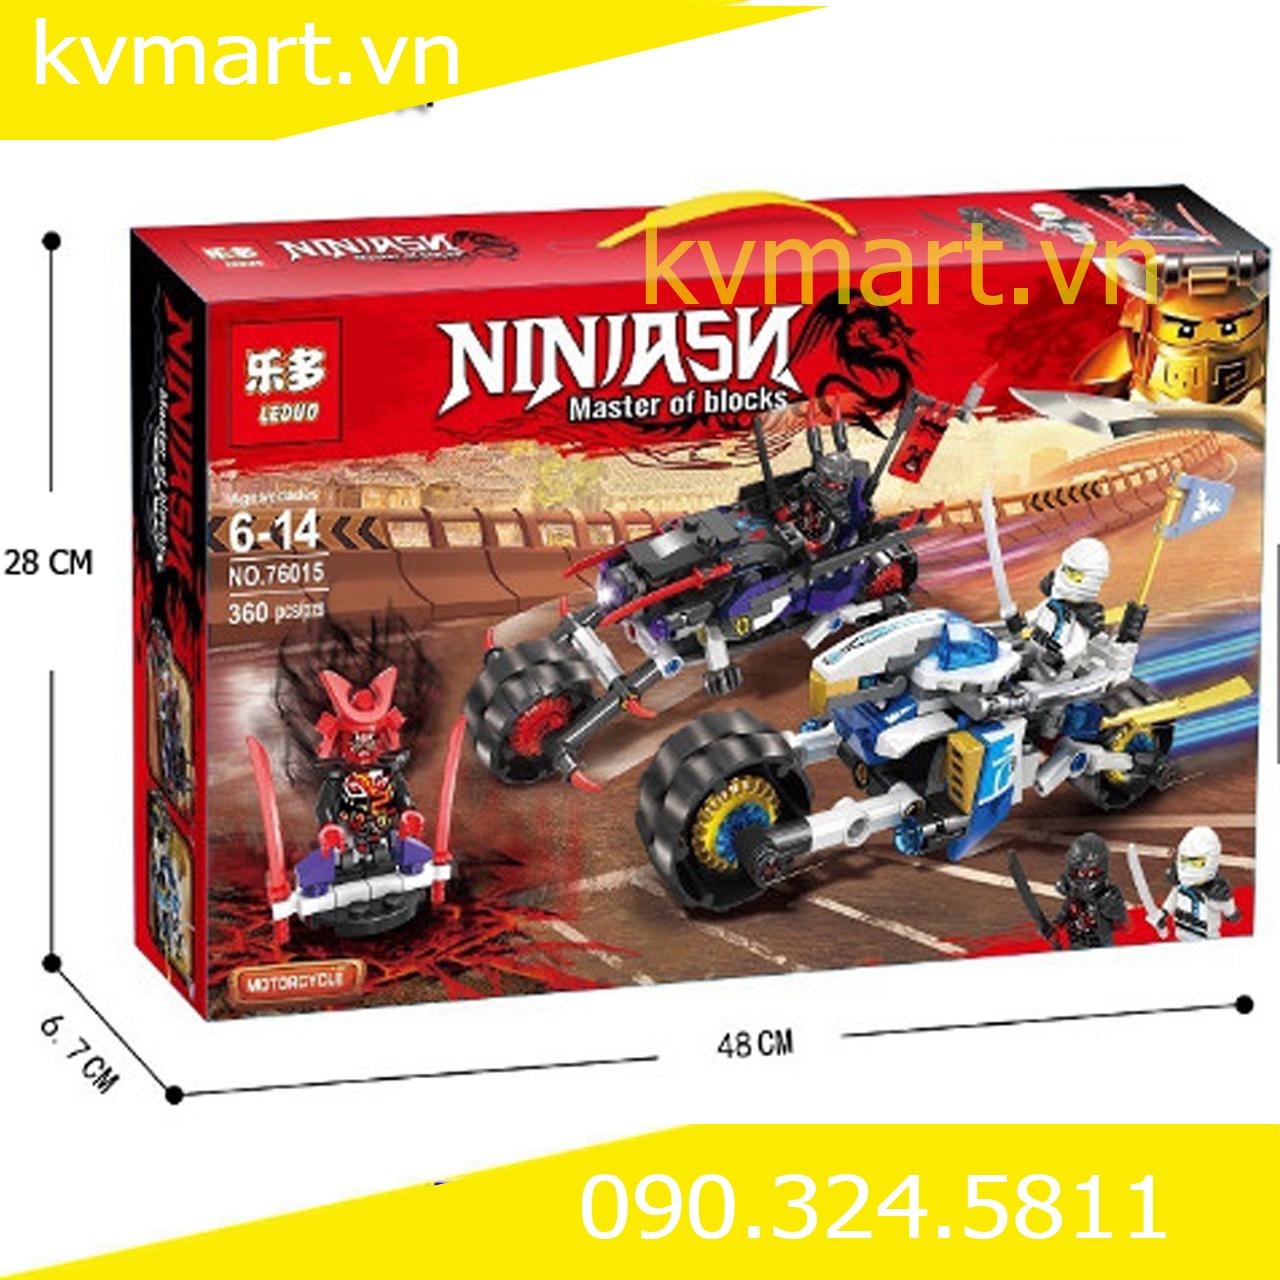 Đồ chơi lego Ninjago đua xe đường phố đuổi bắt Snake Jaguar - LEDUO 76015